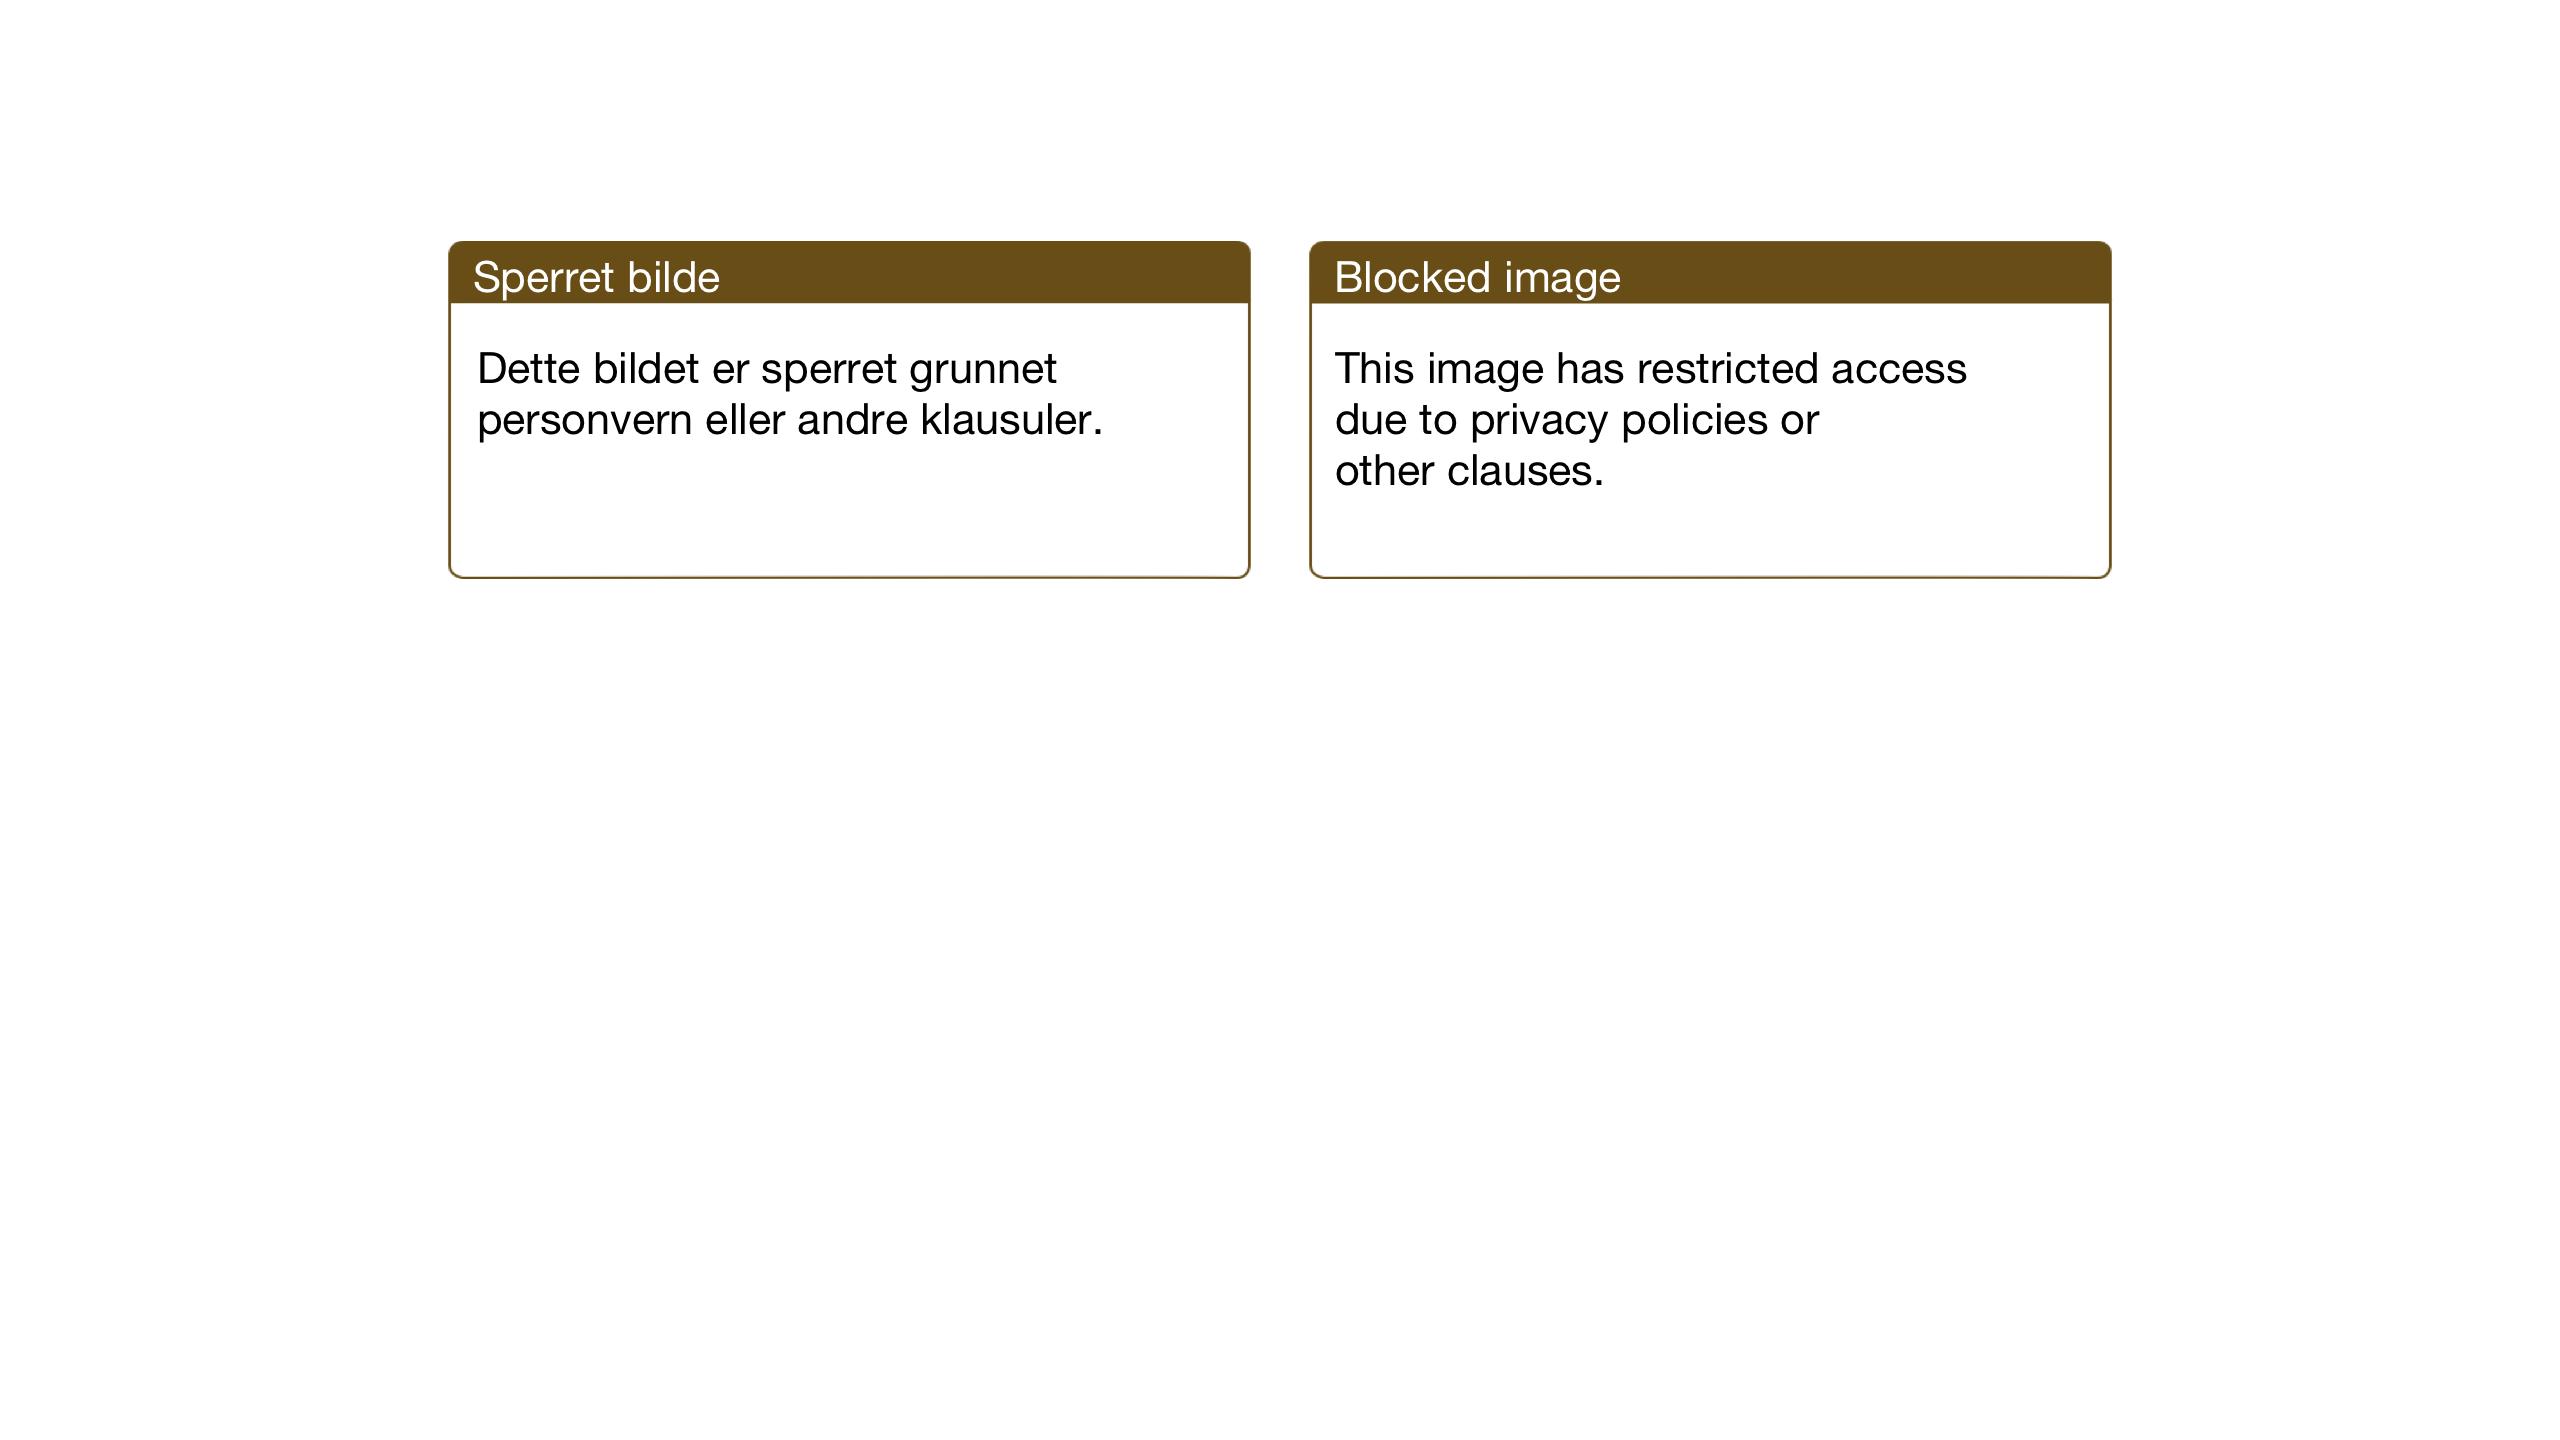 SAT, Ministerialprotokoller, klokkerbøker og fødselsregistre - Sør-Trøndelag, 655/L0690: Klokkerbok nr. 655C06, 1937-1950, s. 155